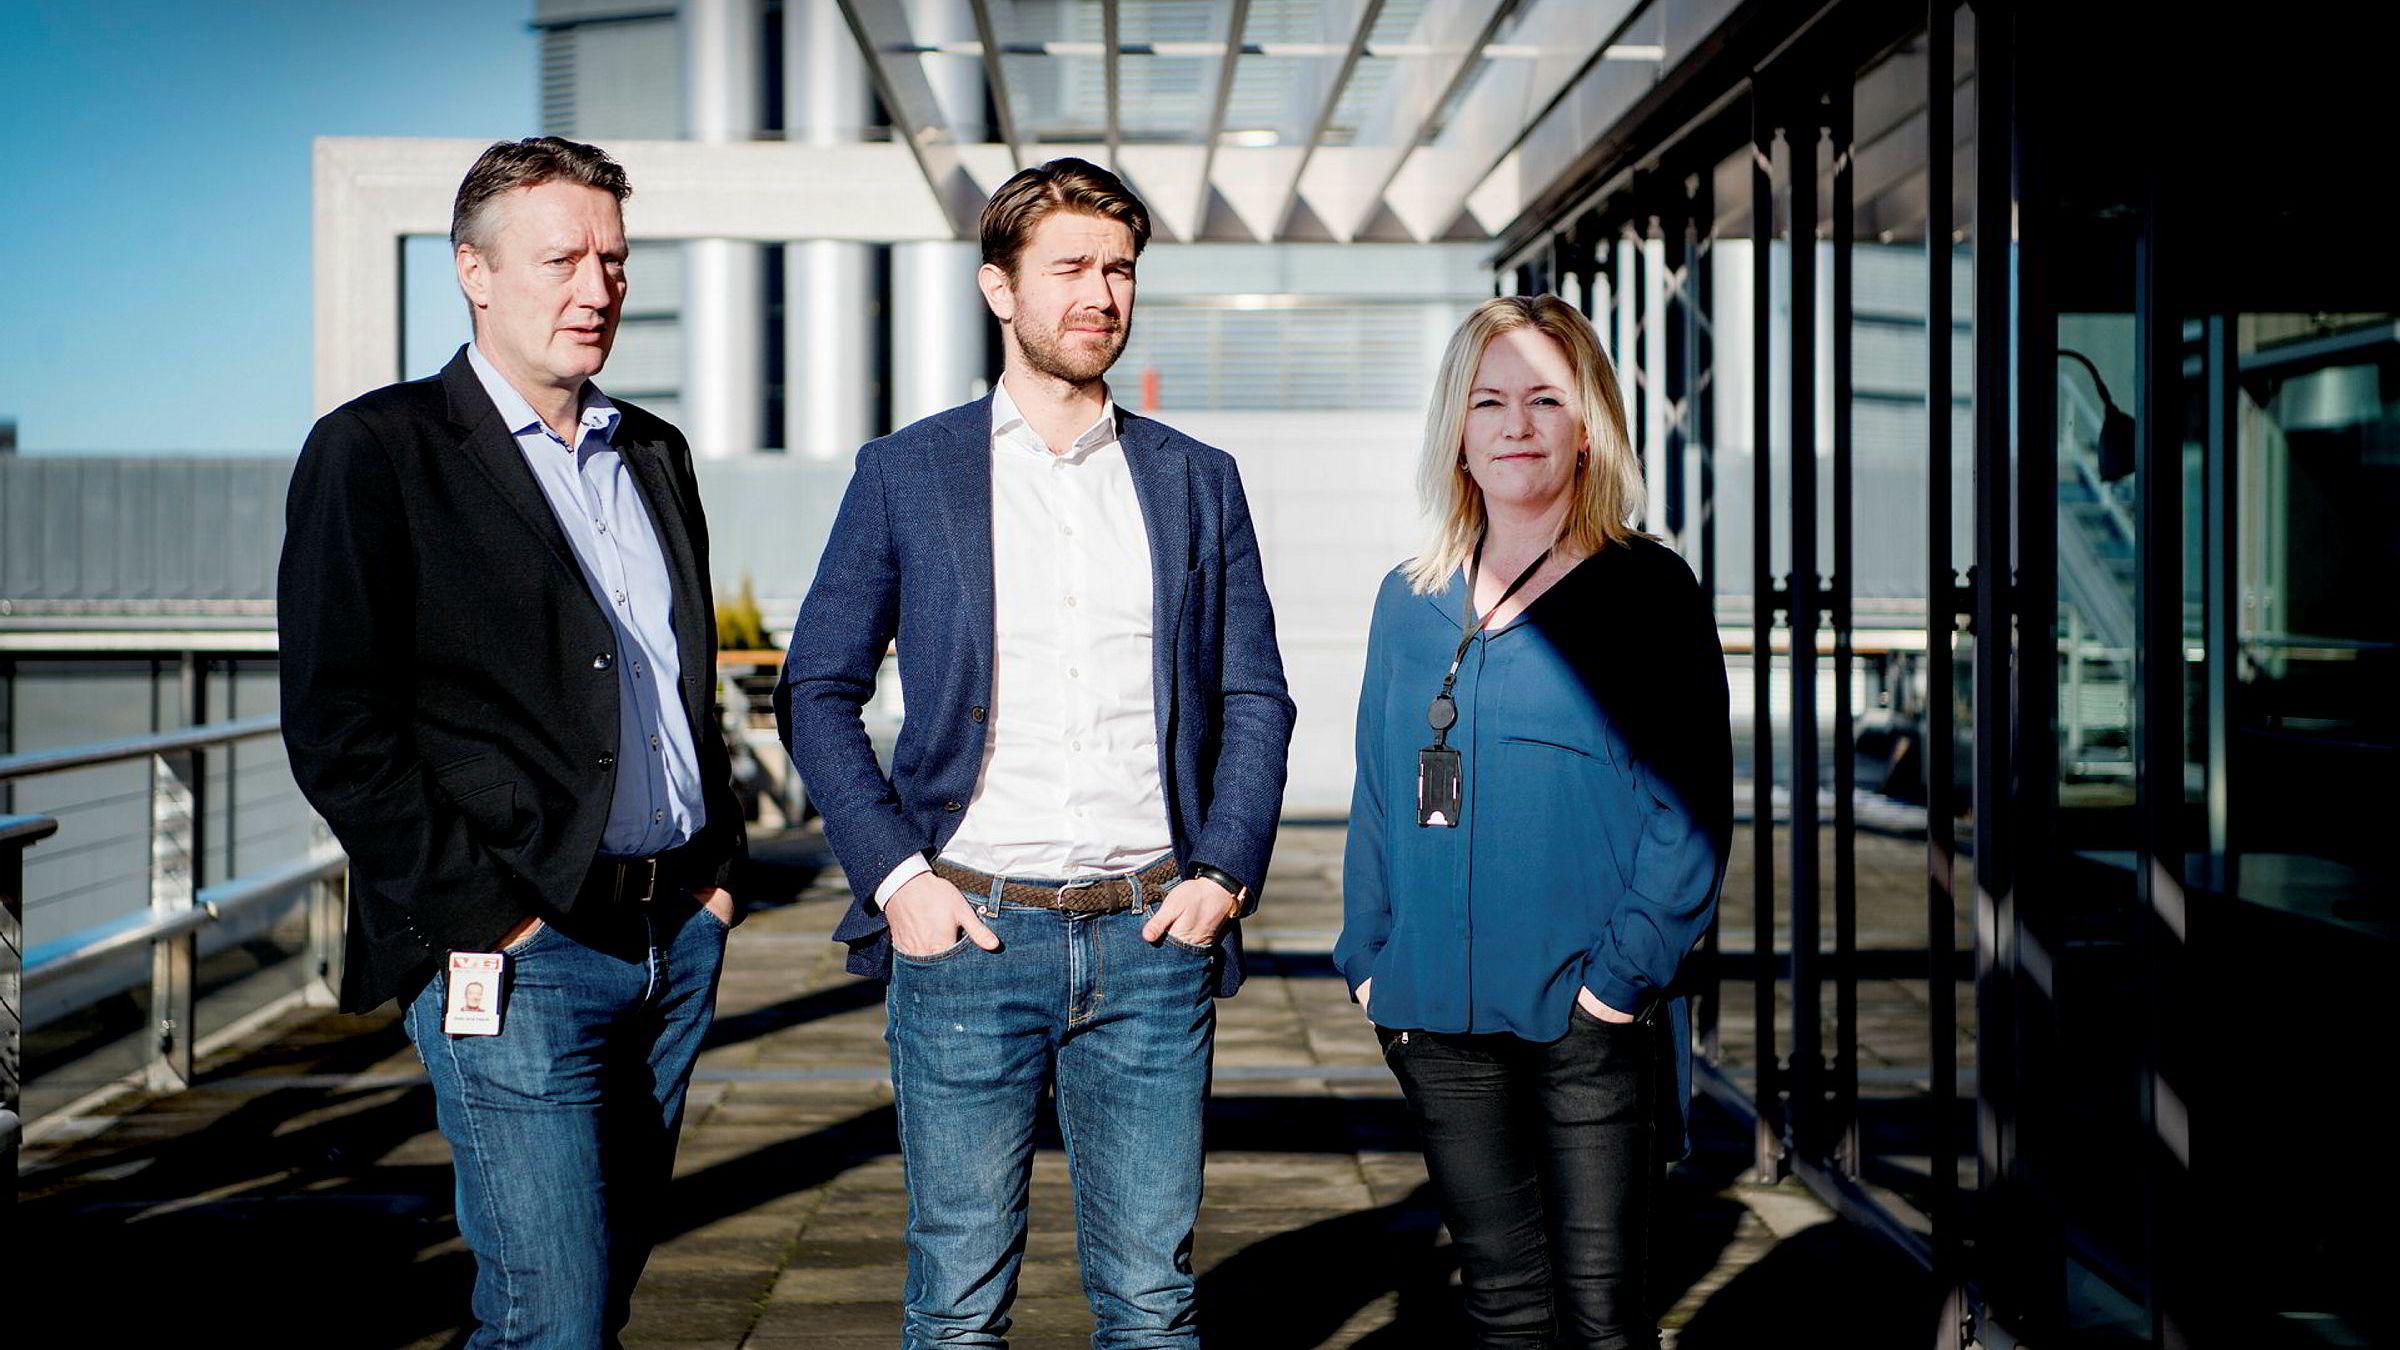 Svein Arne Haavik, innholdssjef i VG Partnerstudio, sammen med daglig leder Jonas Ibsen Brynildsrud og salgssjef Wenche Klundseter Salgssjef.